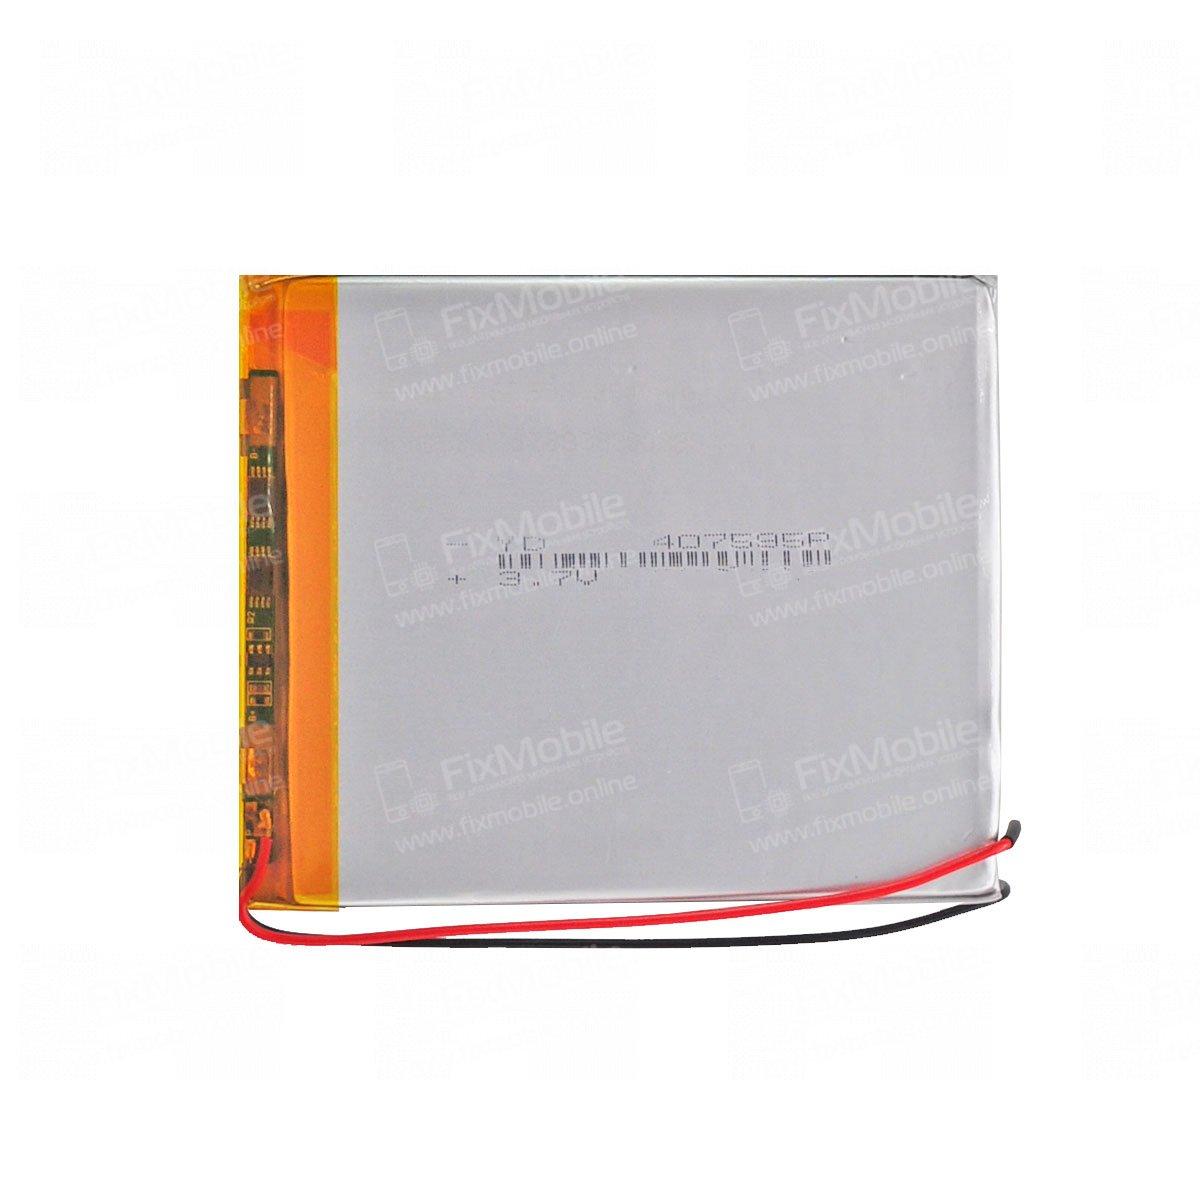 Аккумуляторная батарея универсальная 407595p 3,7v 3200 mAh 4*75*95 мм